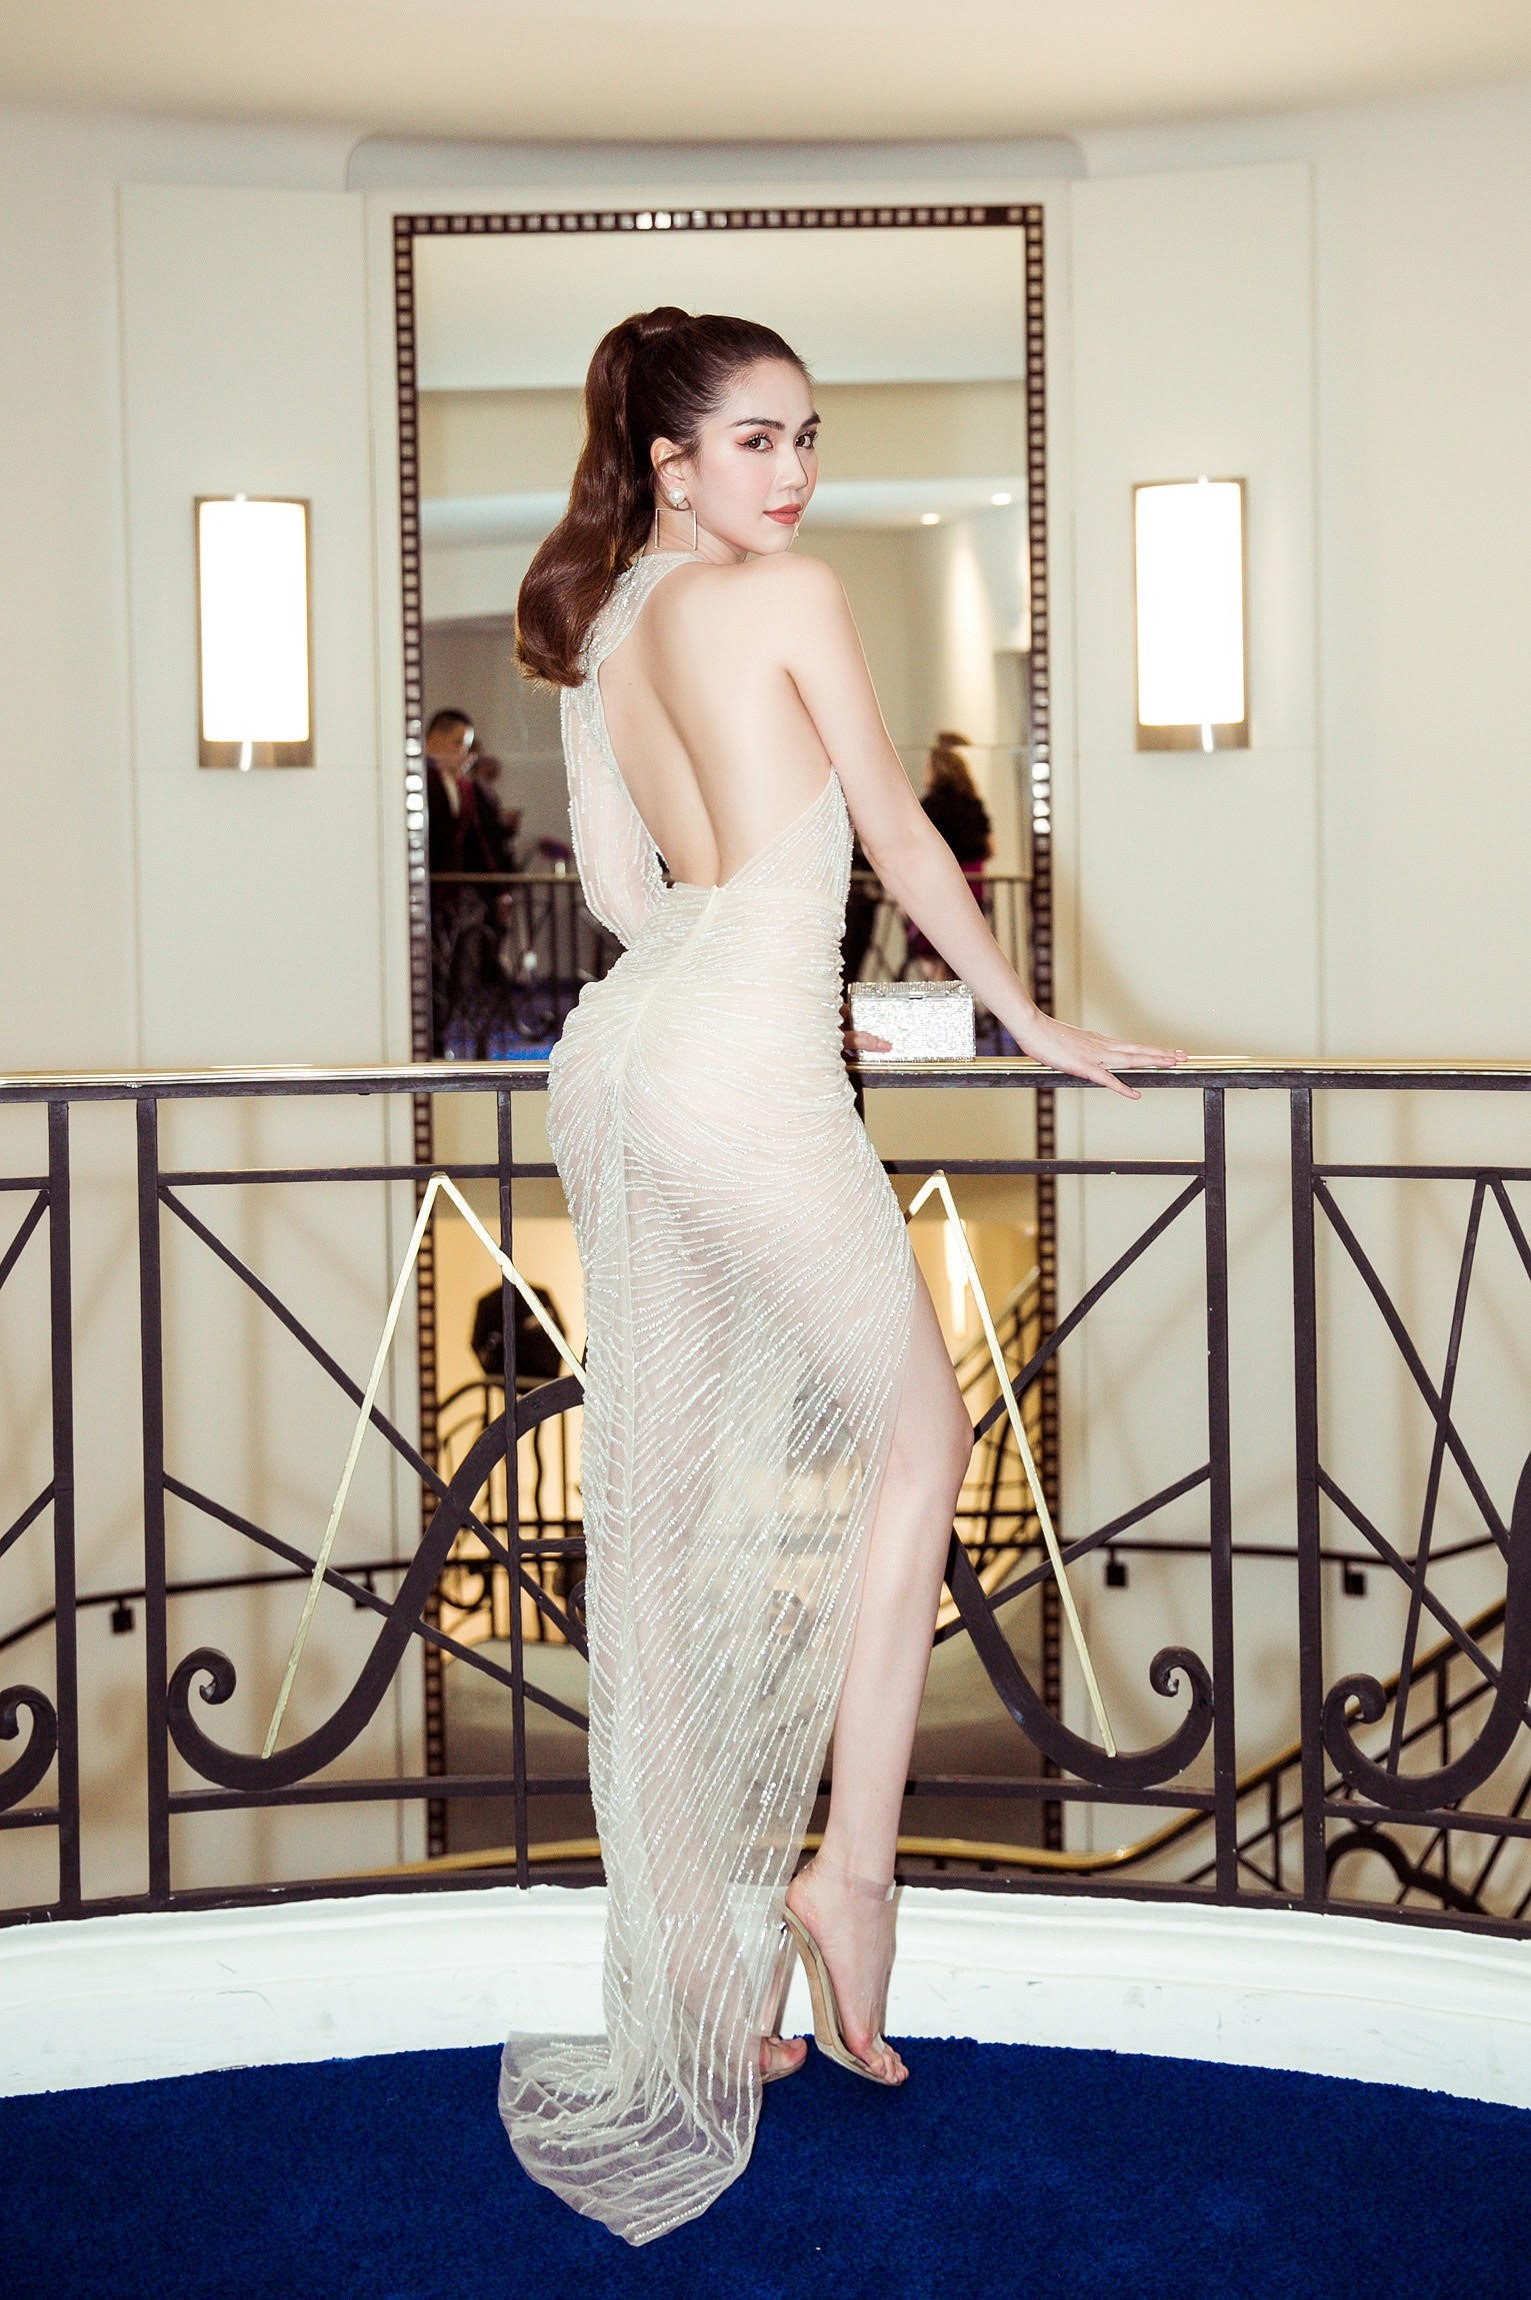 Độc quyền: Ngọc Trinh gây sốc khi diện trang phục mặc như không chuẩn bị đi thảm đỏ LHP Cannes - Ảnh 3.